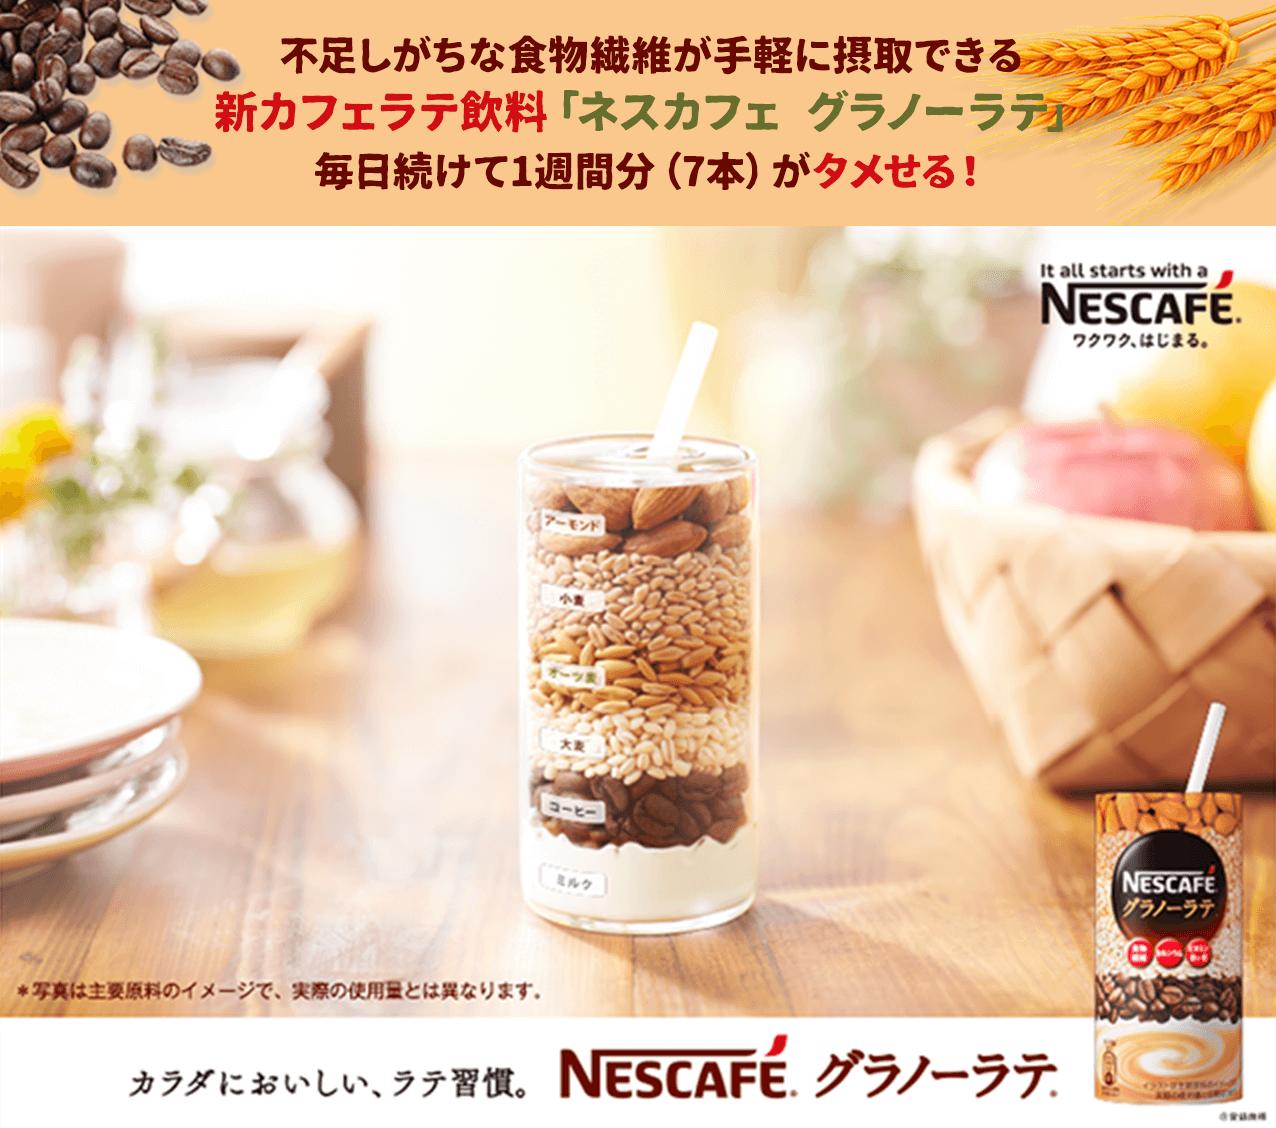 不足しがちな食物繊維が手軽に摂取できる新カフェラテ飲料「ネスカフェ グラノーラ」毎日続けて1週間分(7本)がタメせる! カラダにおいしい、ラテ習慣 NESCAFEグラノーラテ